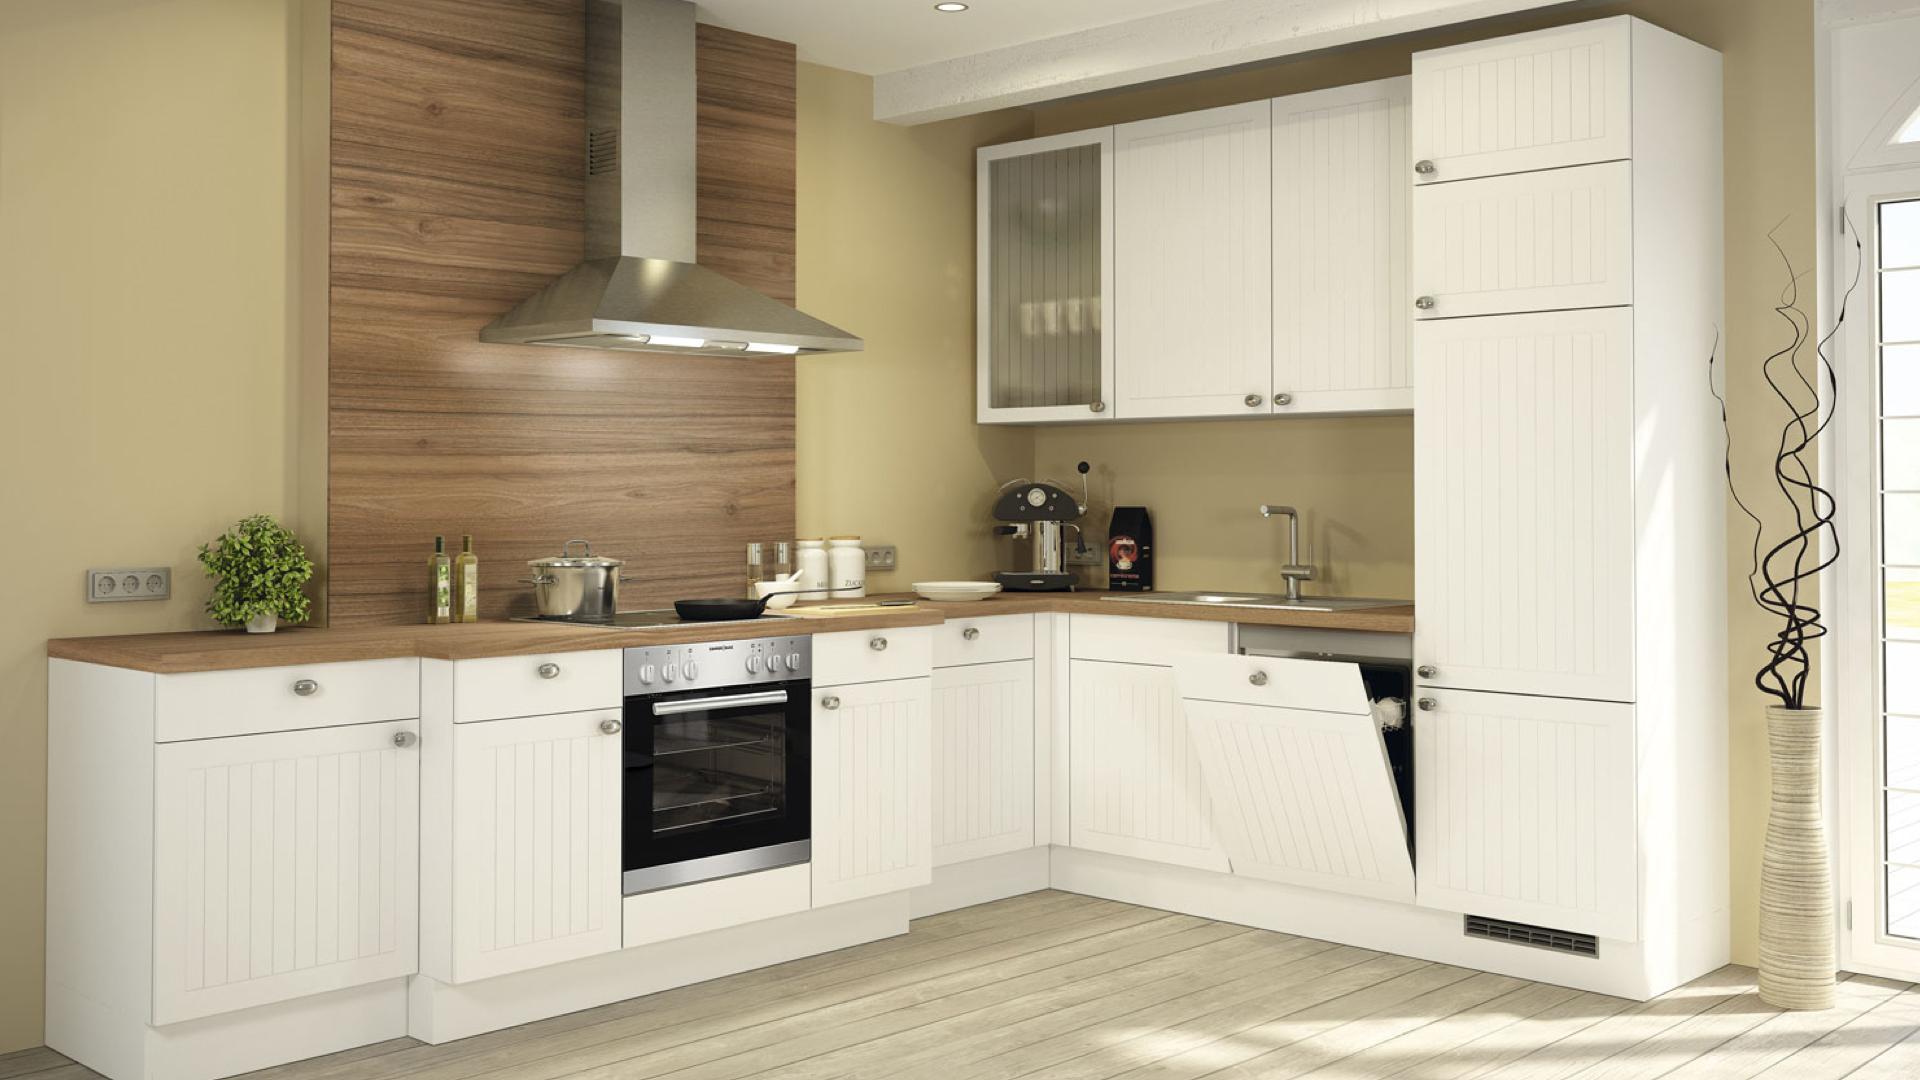 EINBAUKÜCHEN: Einbauküchen vergleichen + Einbauküche planen mit ...